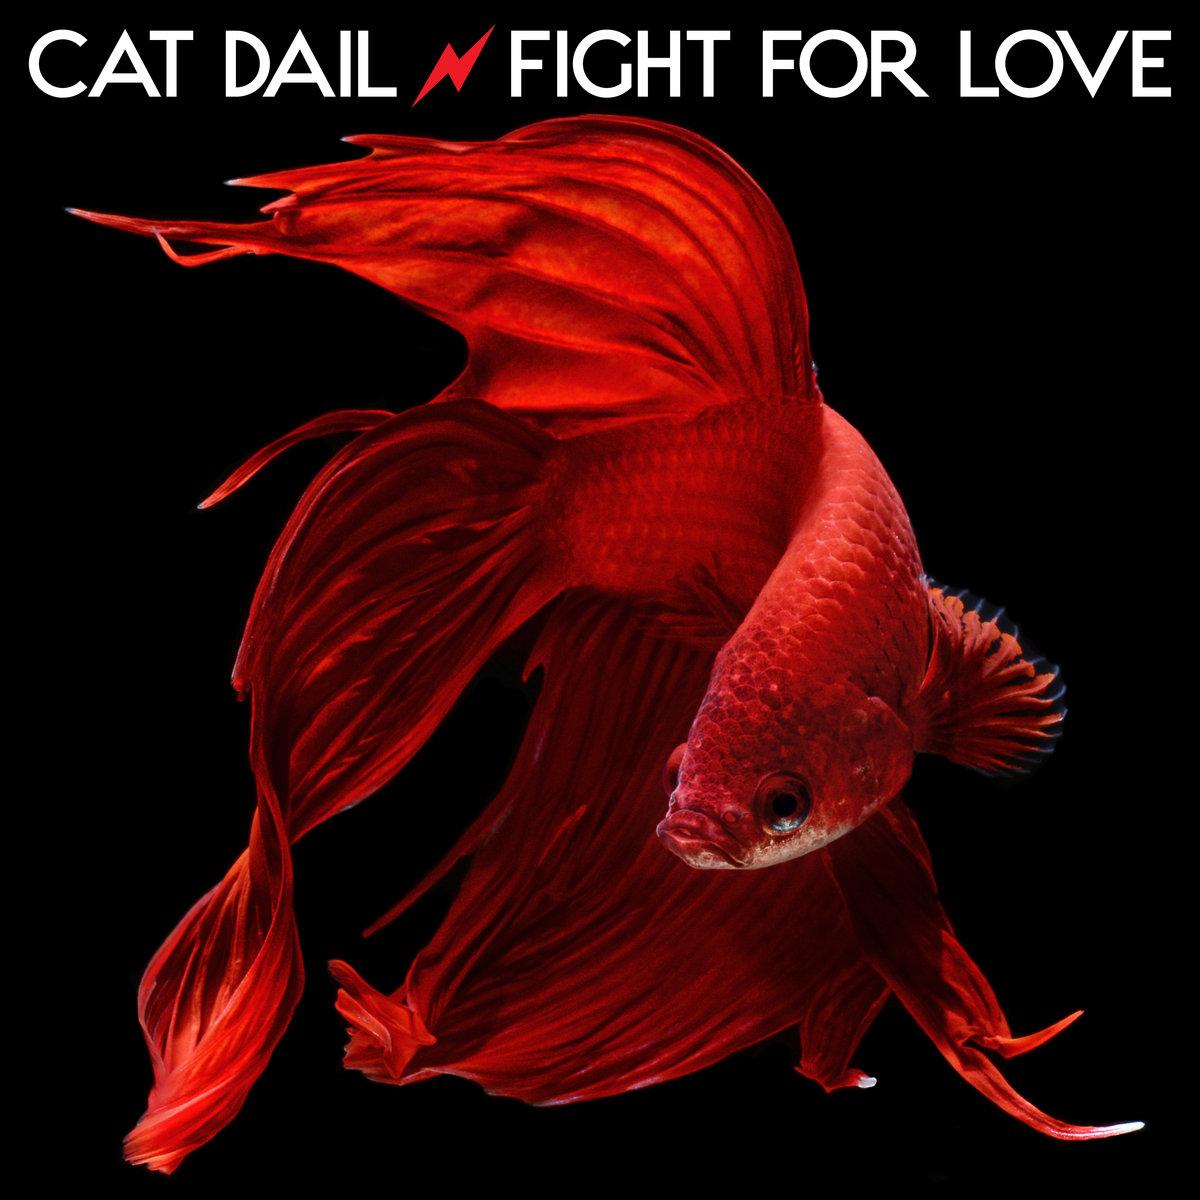 Cat Dail